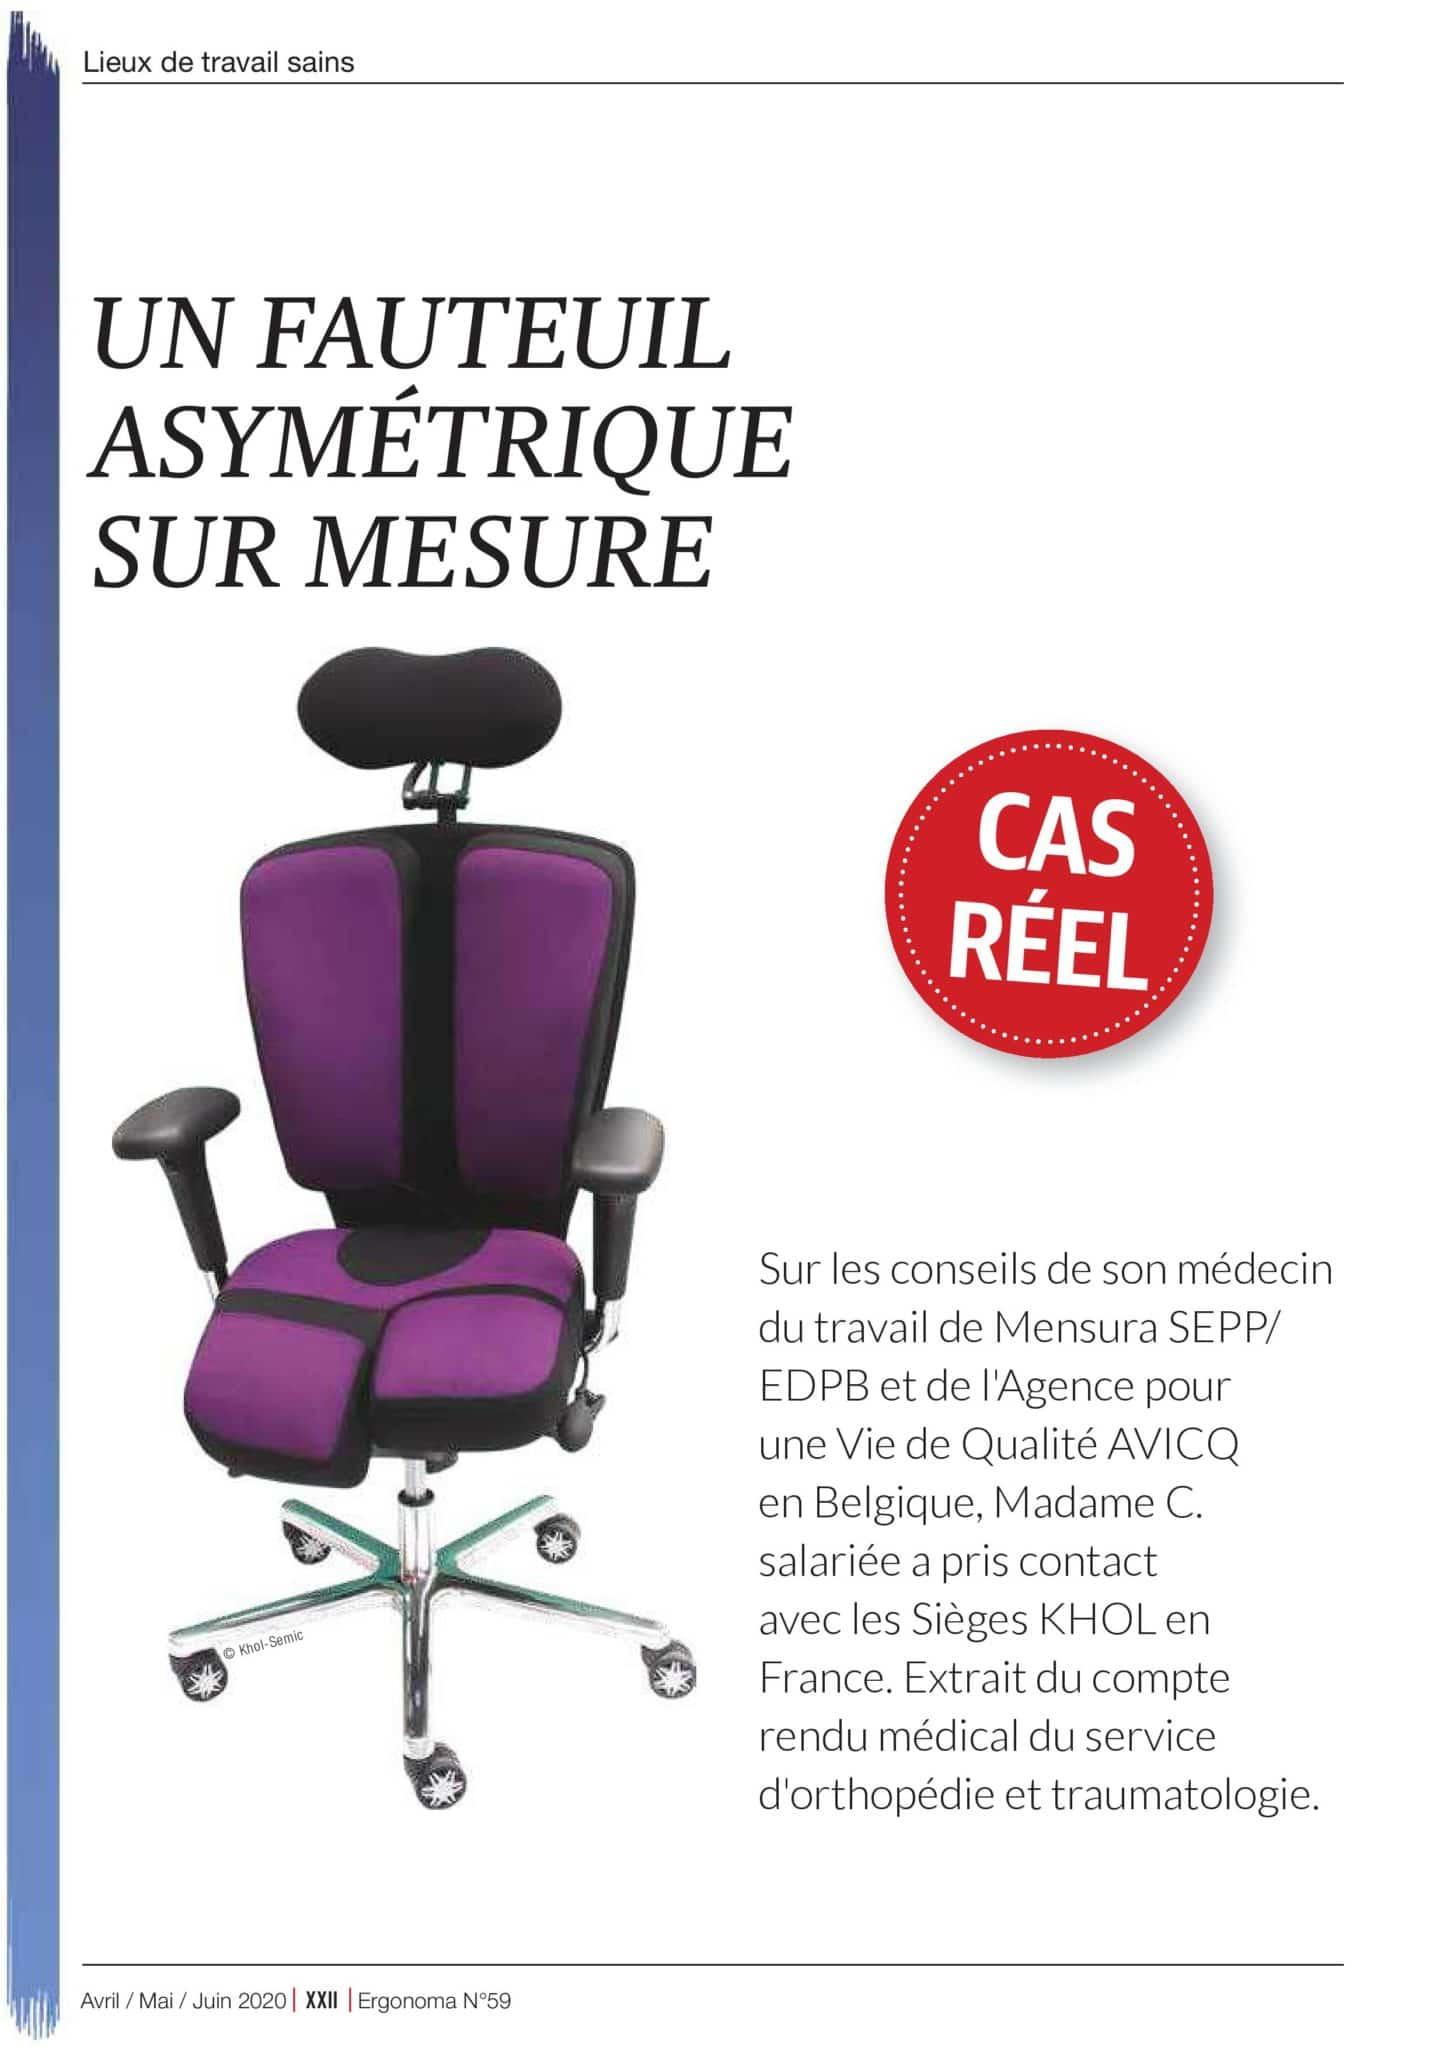 Ergonoma-journal-étude-de-cas-réeel-SIEGES-KHOL-n°59-avril-juin-2020-page-001-scaled Etude d'un cas pratique à partir d'un fauteuil PERINEOS 7 adapté, asymétrique, réalisé sur mesure